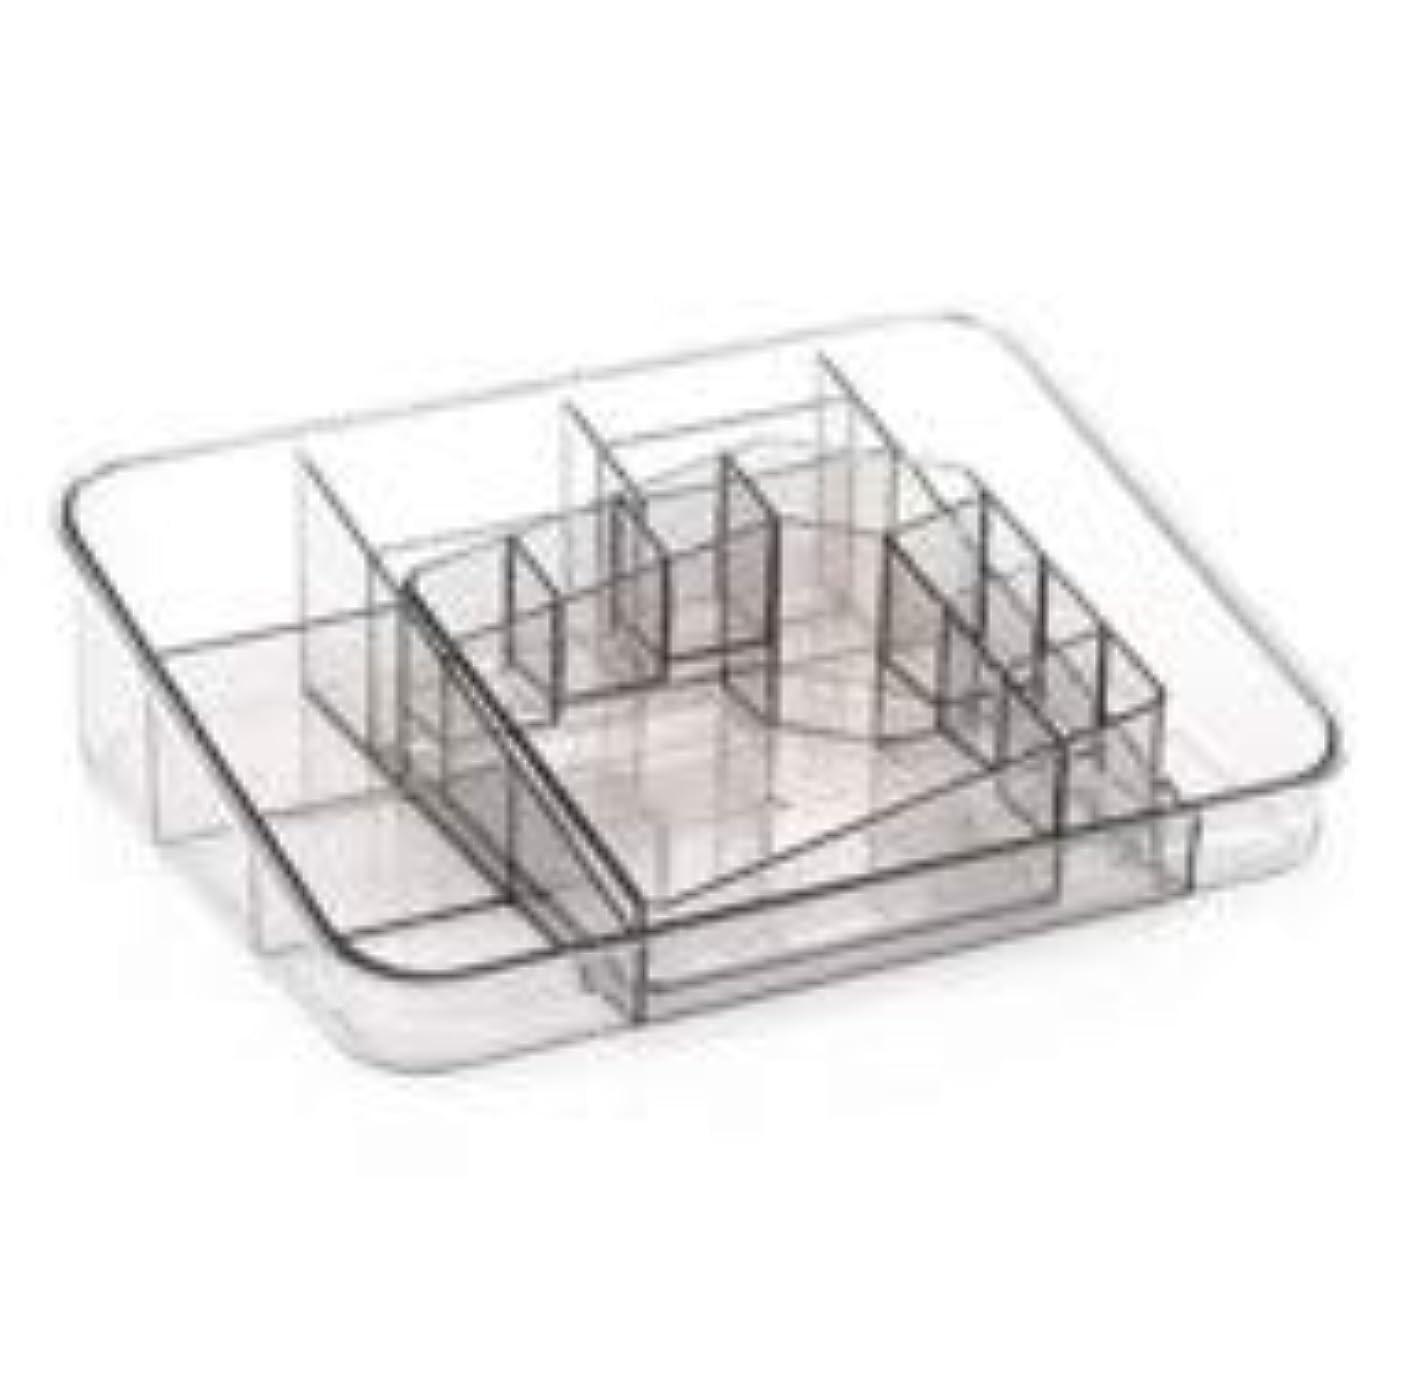 つかむ純度学校透明アクリル化粧品収納ボックスサイズの組み合わせツーピース多分割化粧品デスクトップ仕上げボックス (Color : グレー)